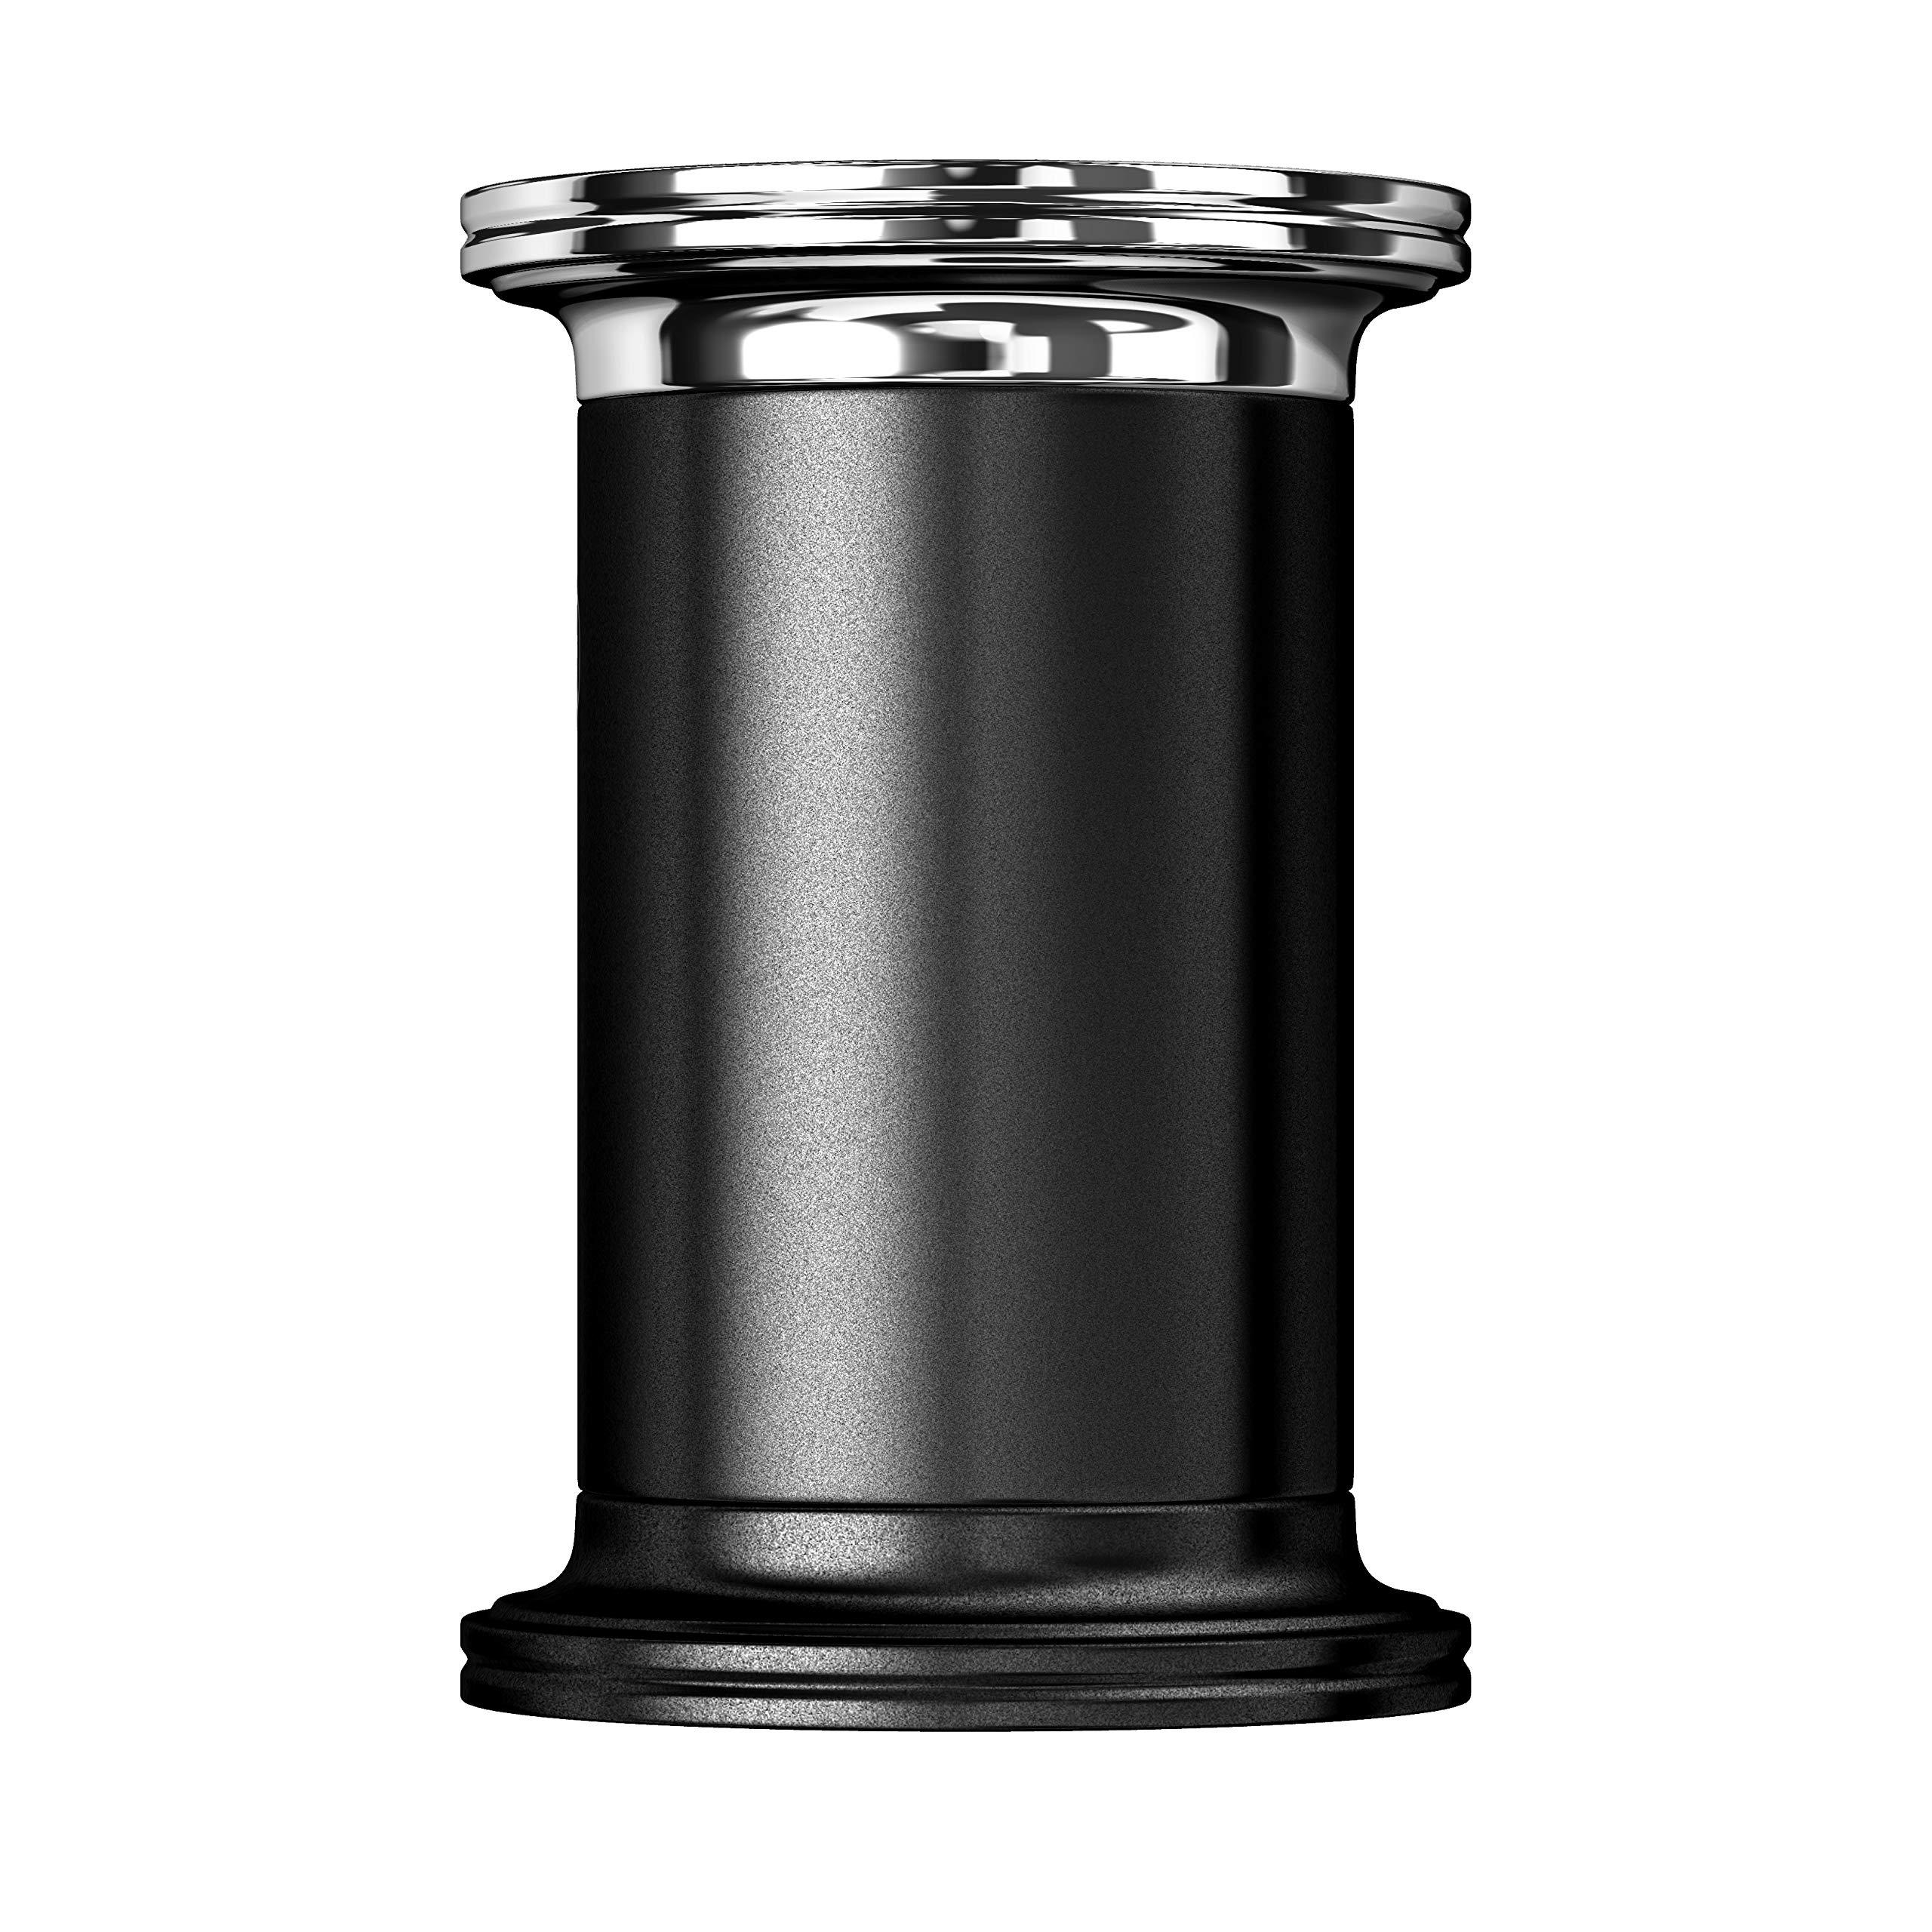 El Casco - Afilalápices M435CN - Cromo brillante y negro: Amazon.es: Oficina y papelería